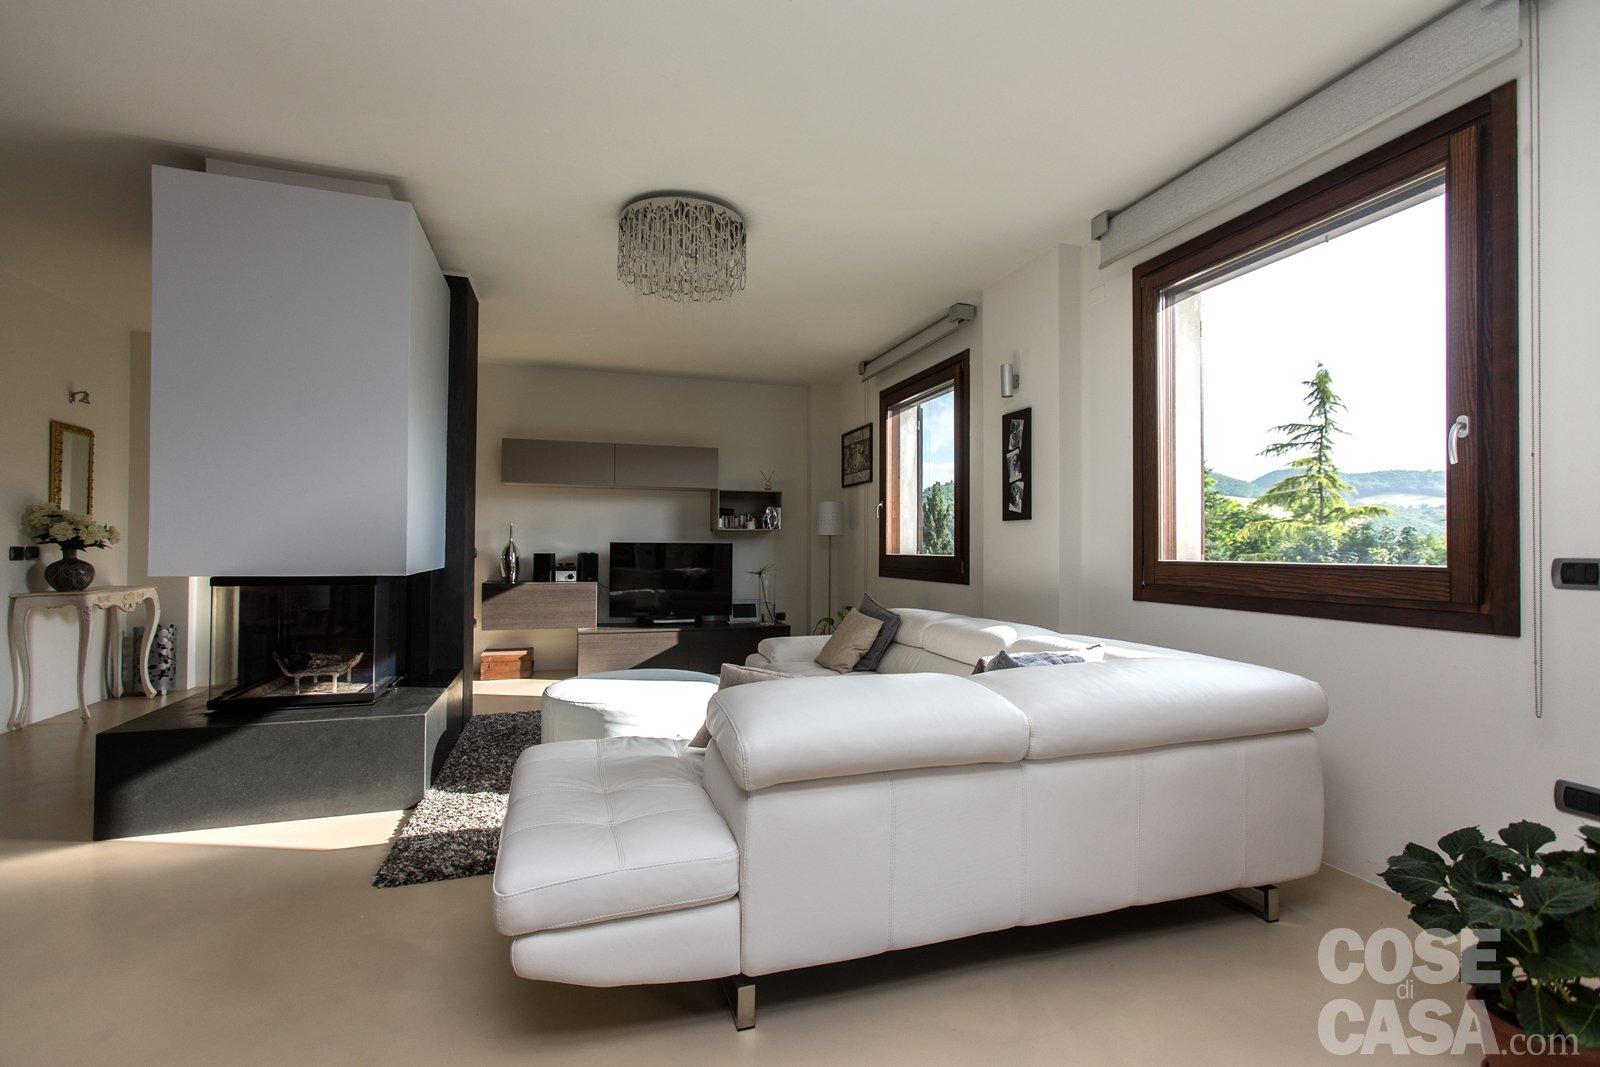 Una casa con zona giorno open space cose di casa for Ad giornale di arredamento